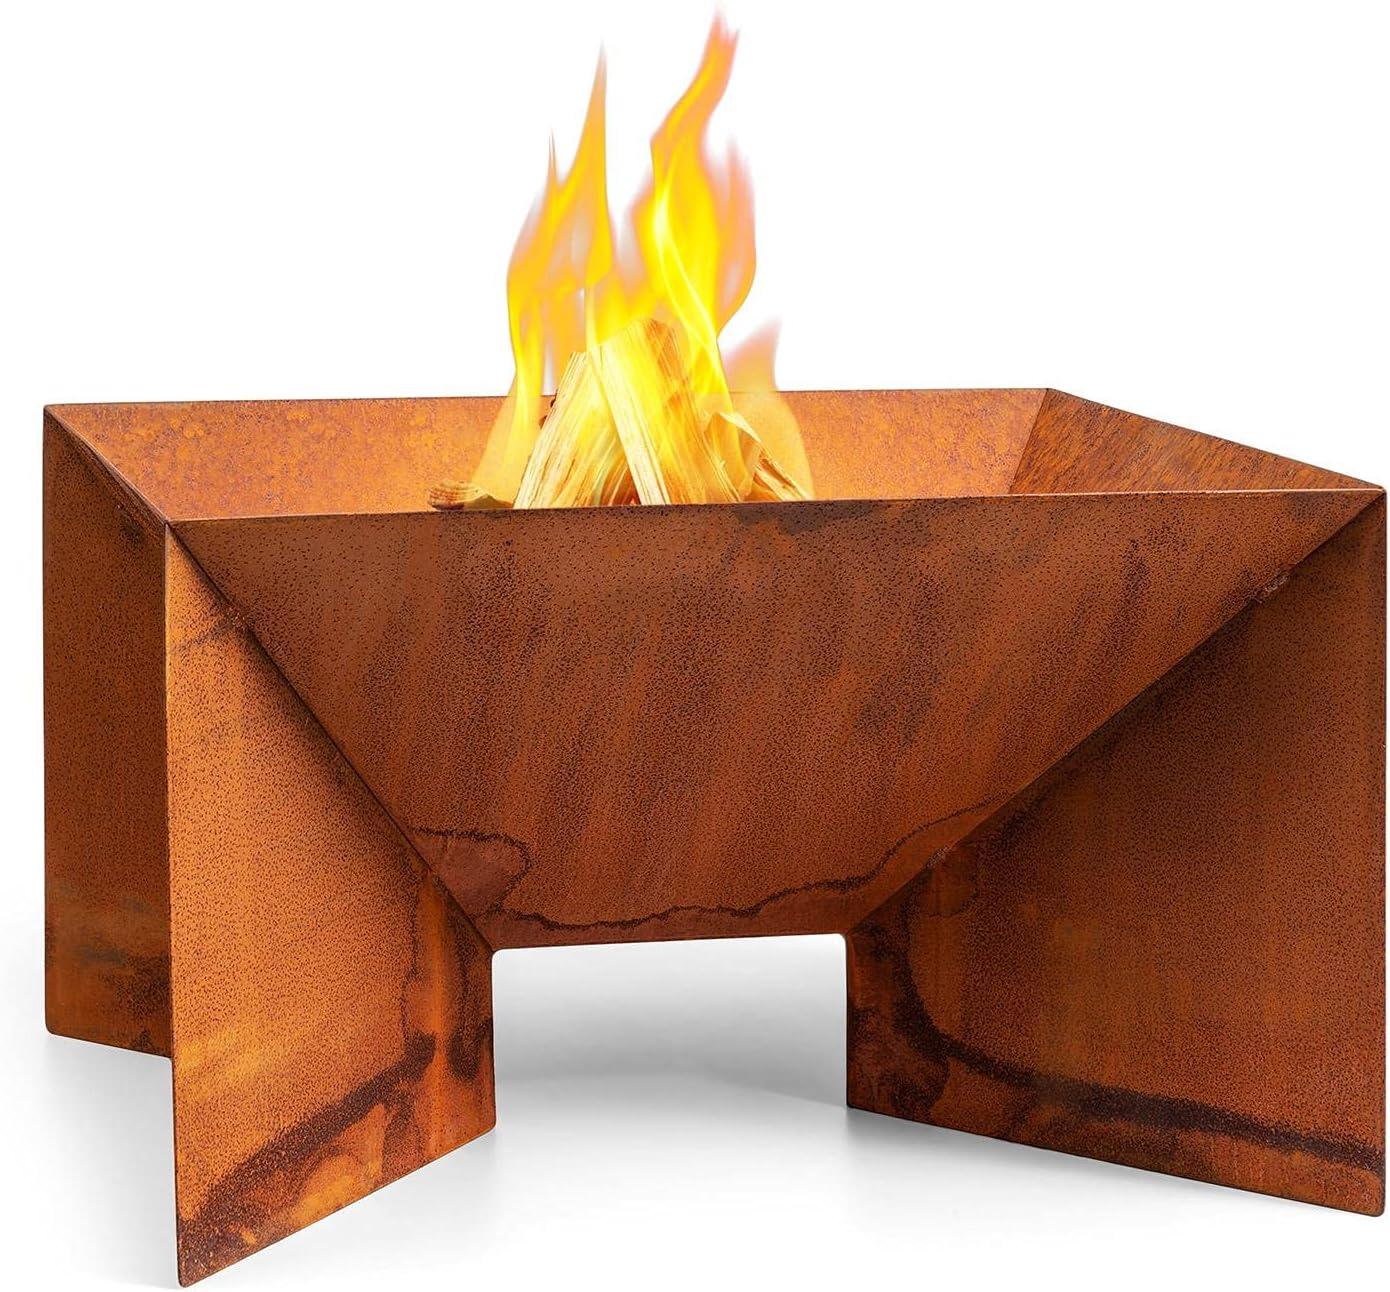 blumfeldt Desert Rust - Brasero, para Uso con leña o carbón, Resistente a la Intemperie, Grosor 1,5 mm, Material de Acero corten, Color óxido, Dimensiones 52 x 32 x 46 cm, Cuadrado